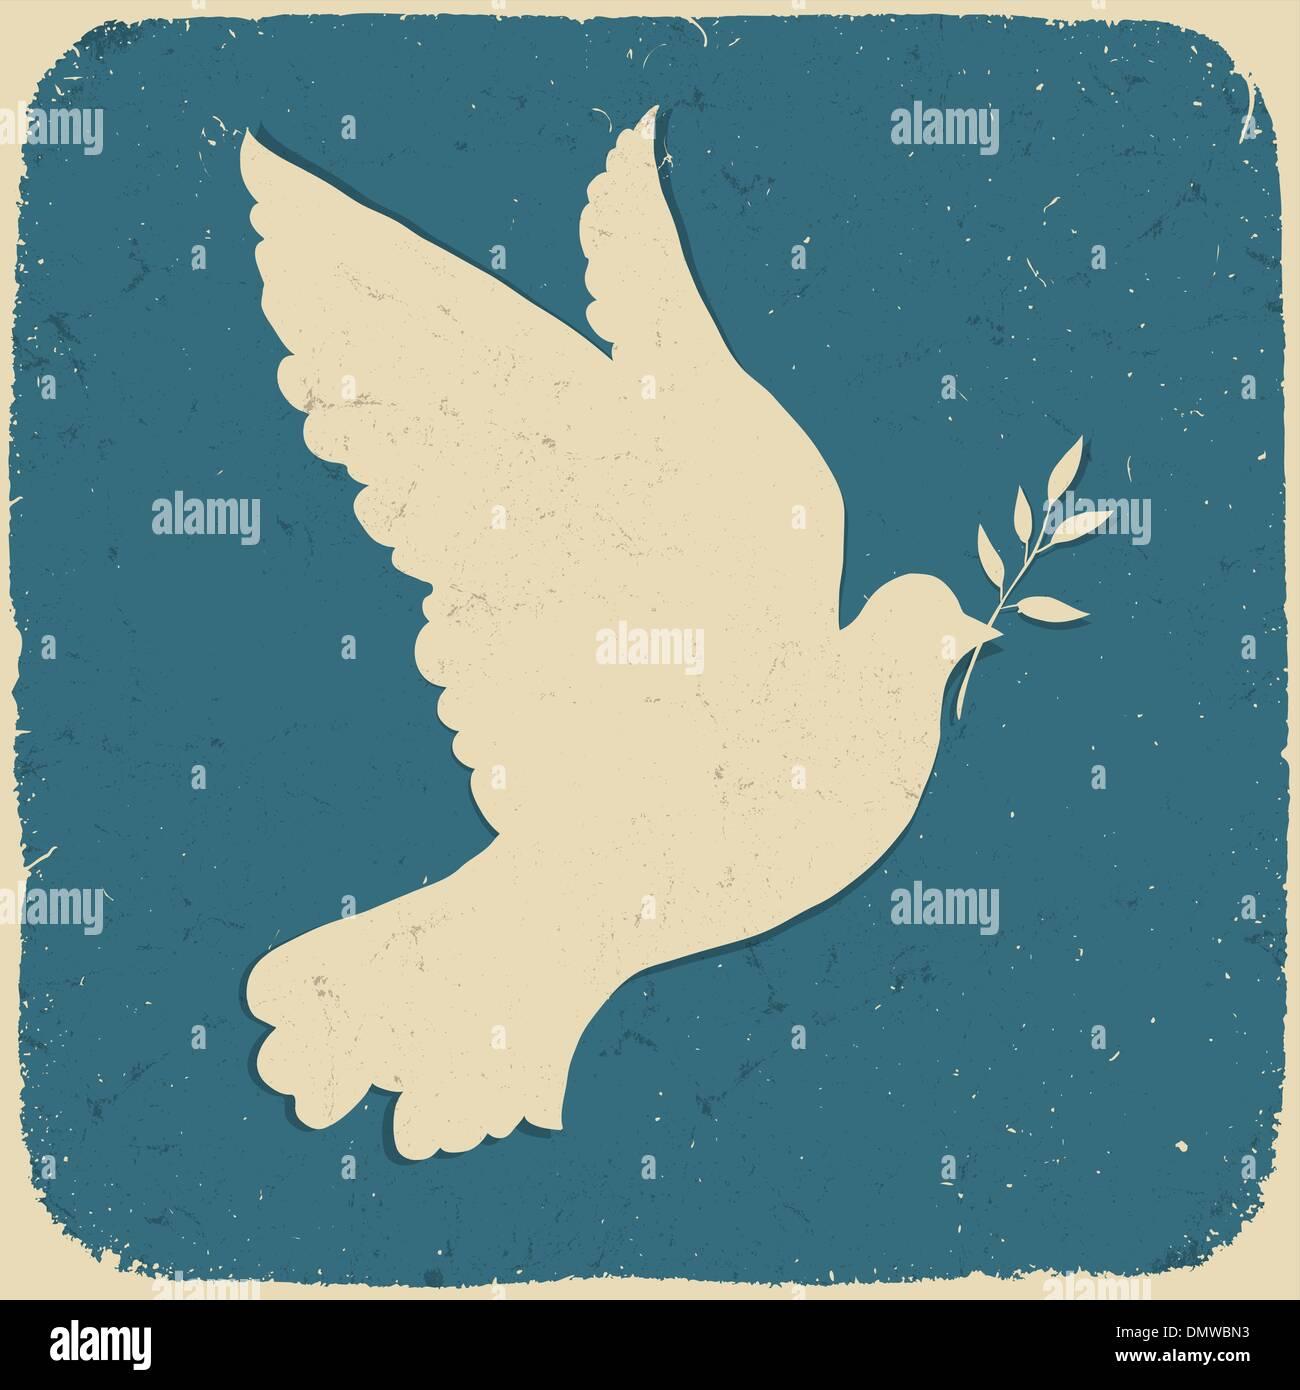 Paloma de la paz. Ilustración de estilo retro, vector eps10. Imagen De Stock